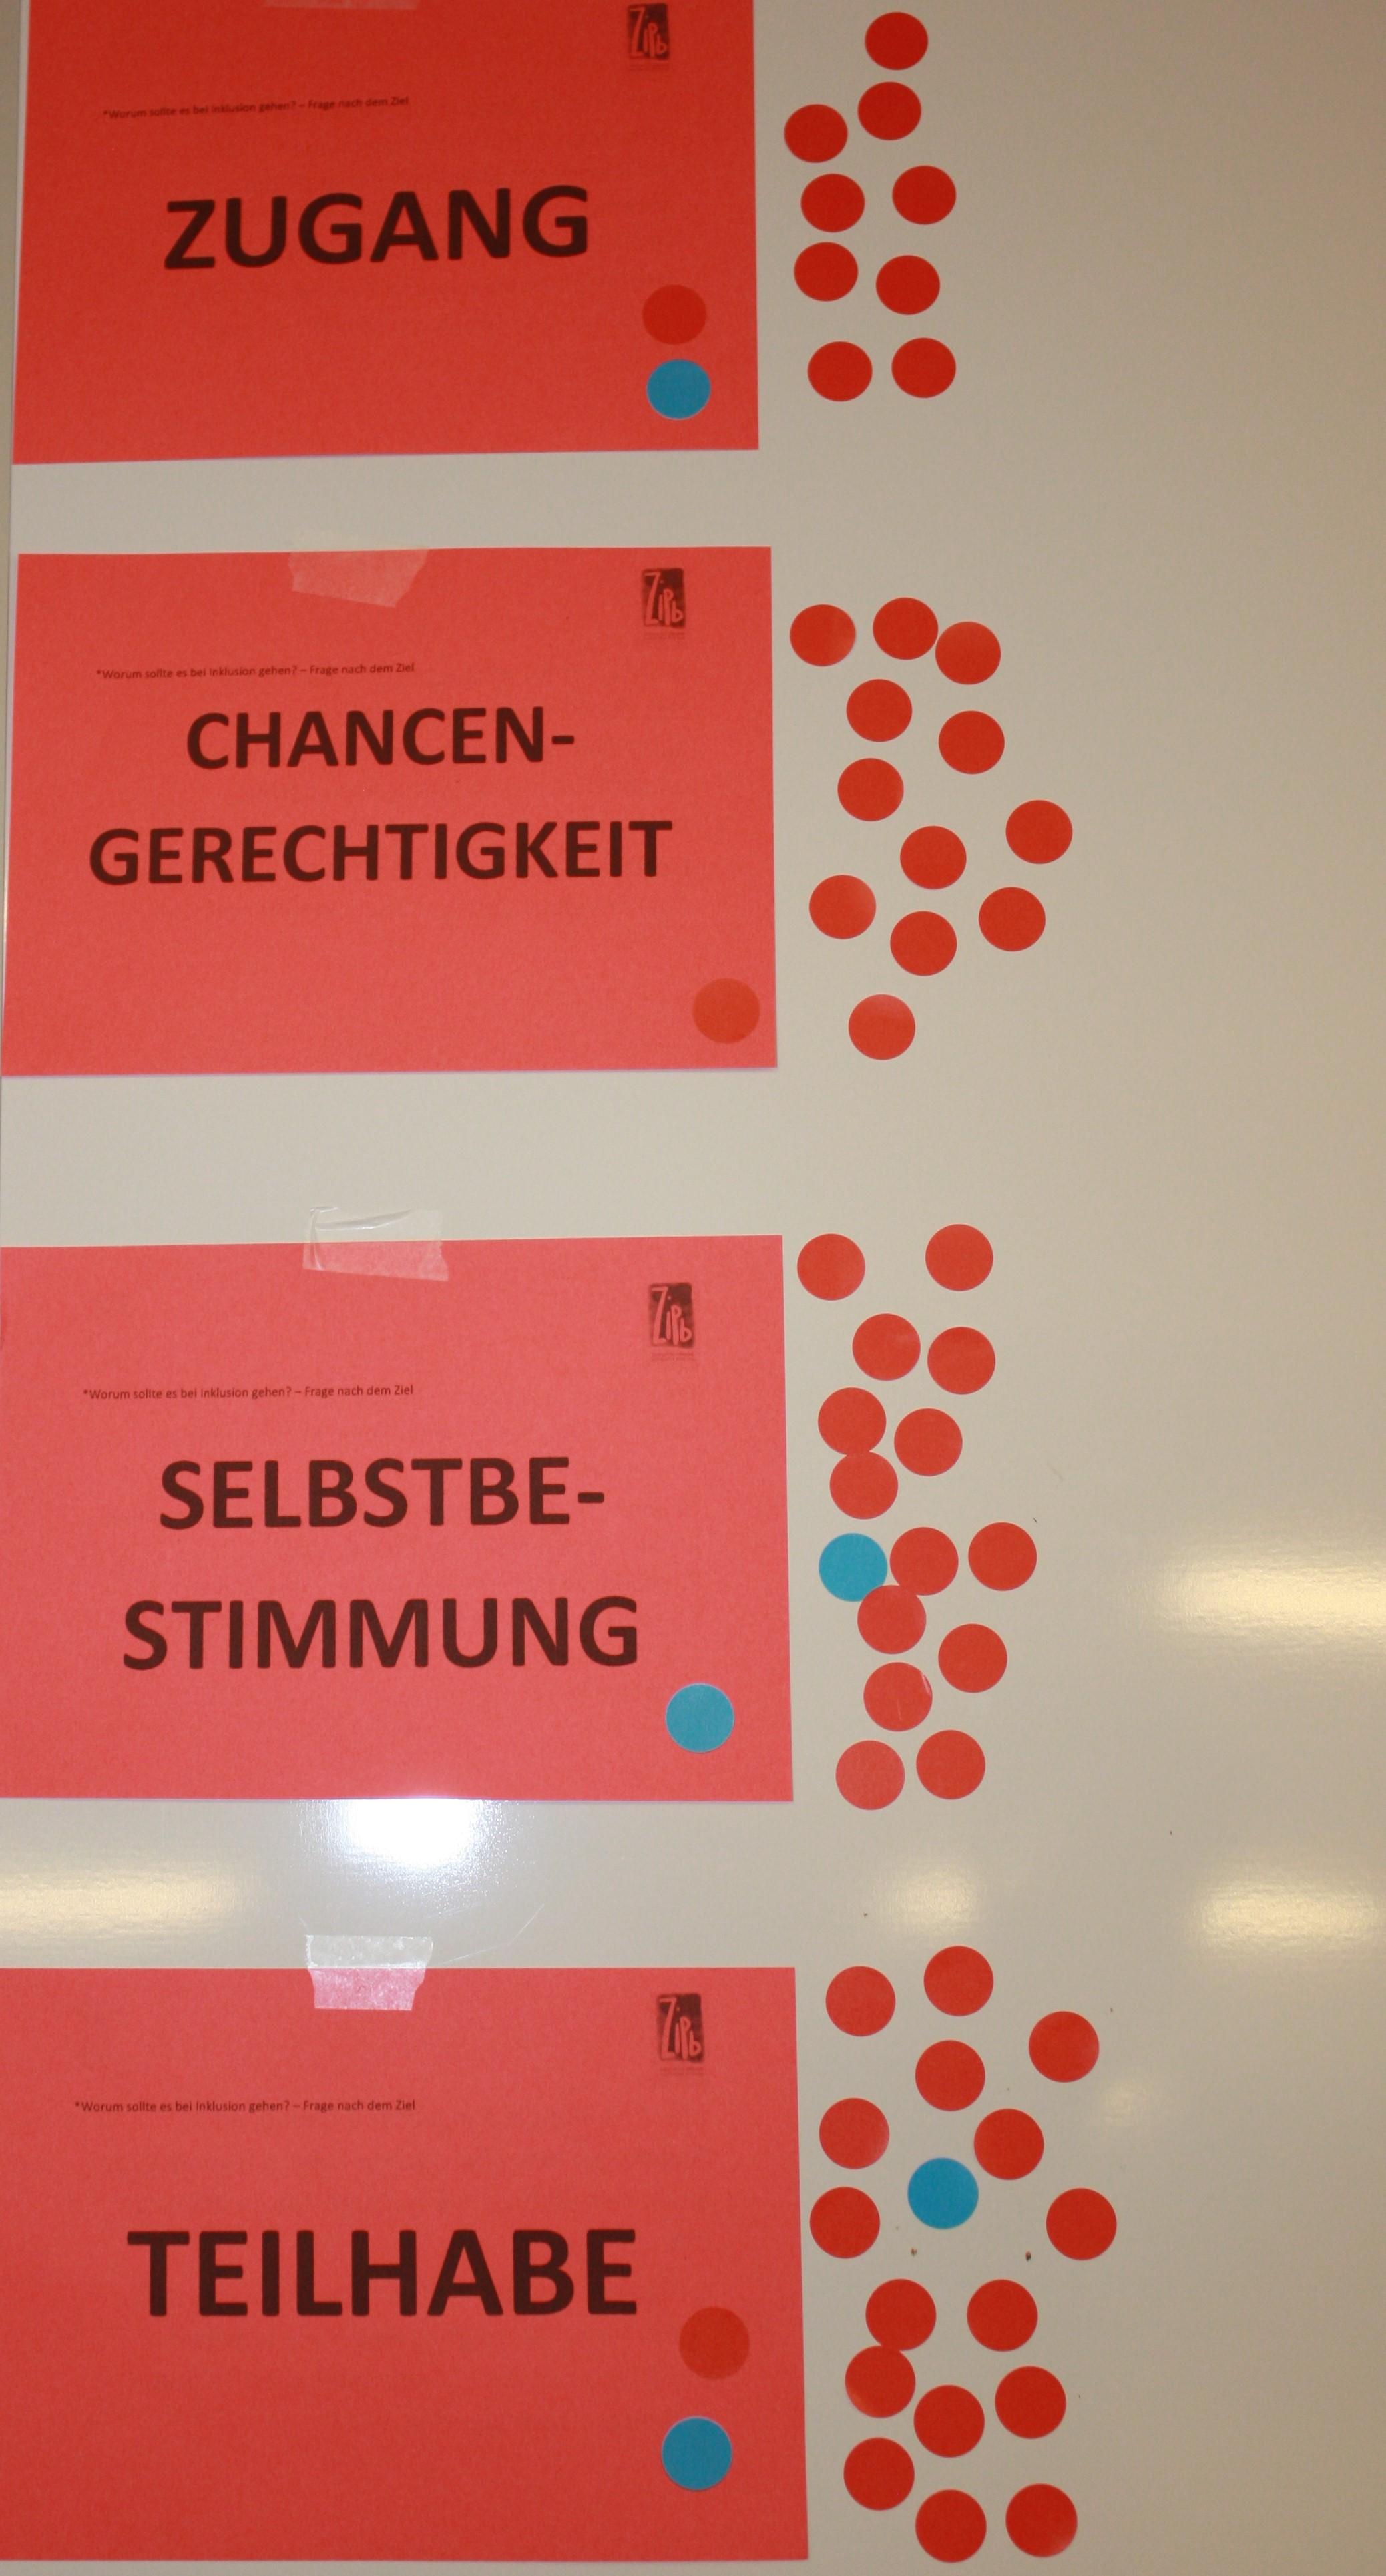 Vier rote Zettel mit der Beschriftung 1. Zugang, 2. Teilhabe, 3. Chancengerechtigkeit, 4. Selbtbestimmungg